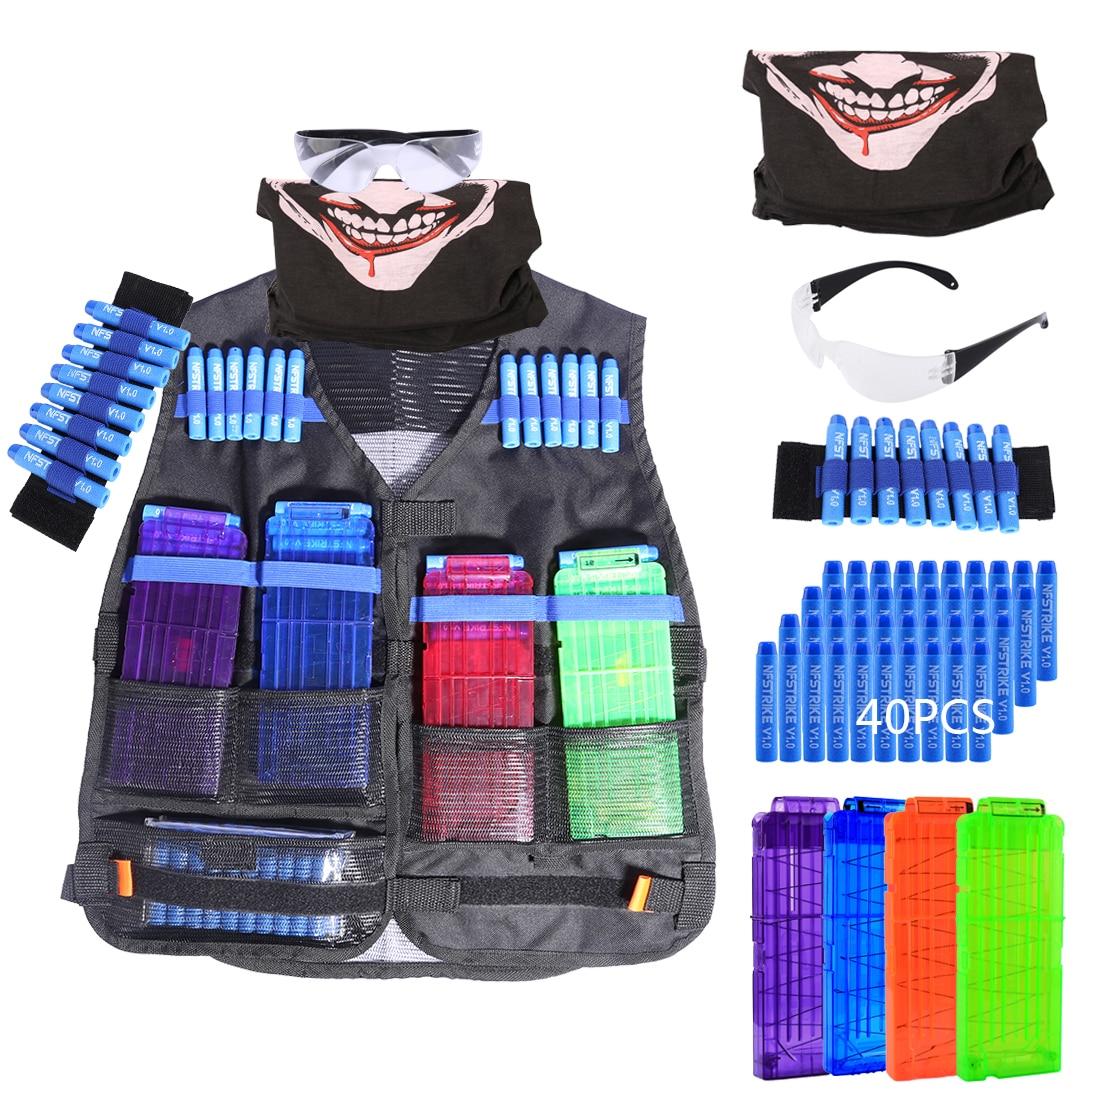 Balle molle Tactique Équipement Kits pour Nerf n-strike Elite Série avec Recharge Balles/Recharger Clips/Visage couverture/Lunettes/Bracelet